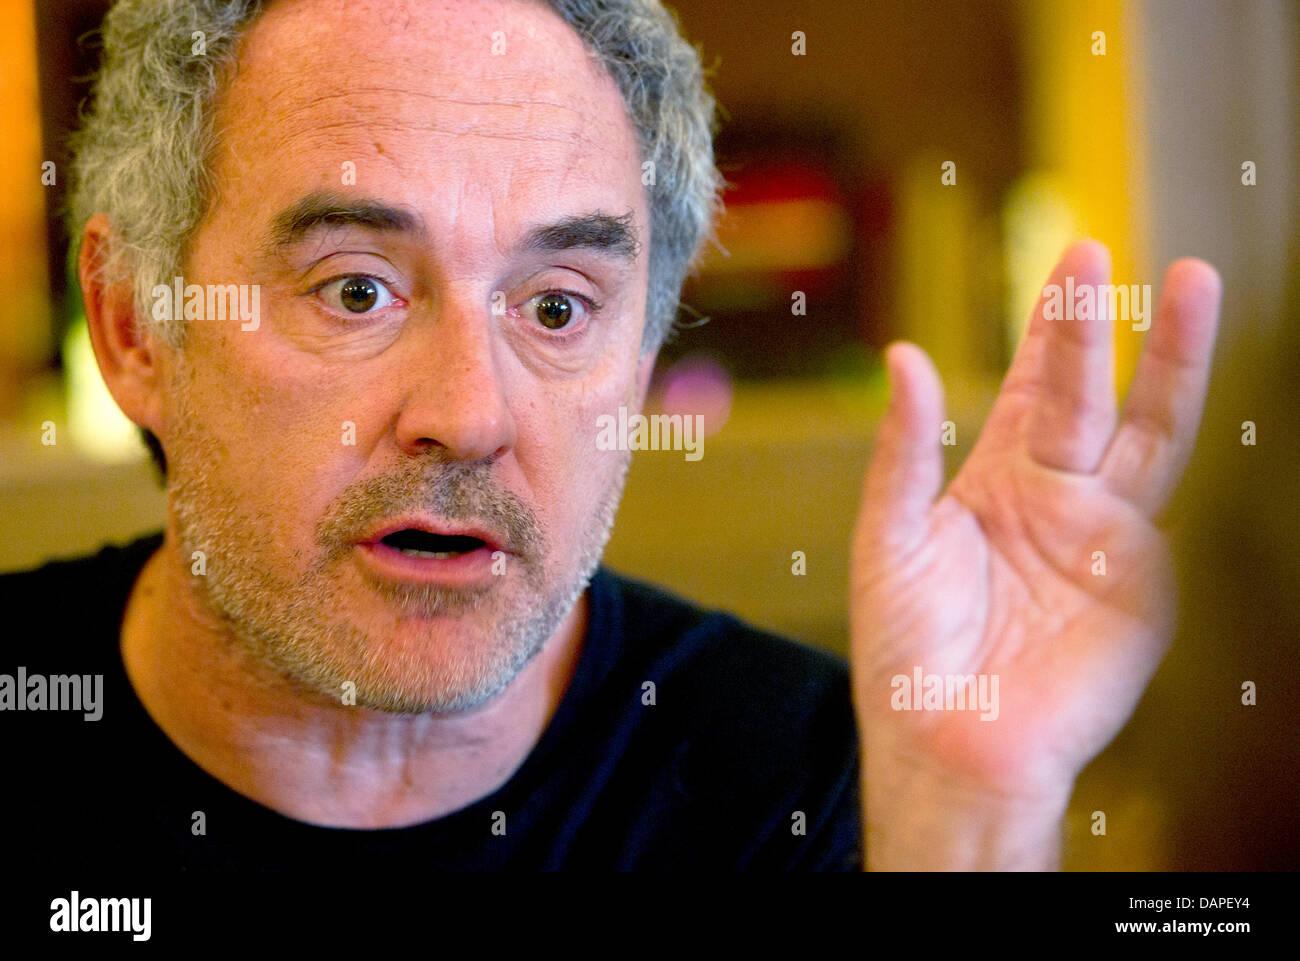 Spanischen Sternekoch Ferran Adria Spricht In Einem Restaurant Bei Einem  Treffen Der Spitzenkche In Mnchen Deutschland August.